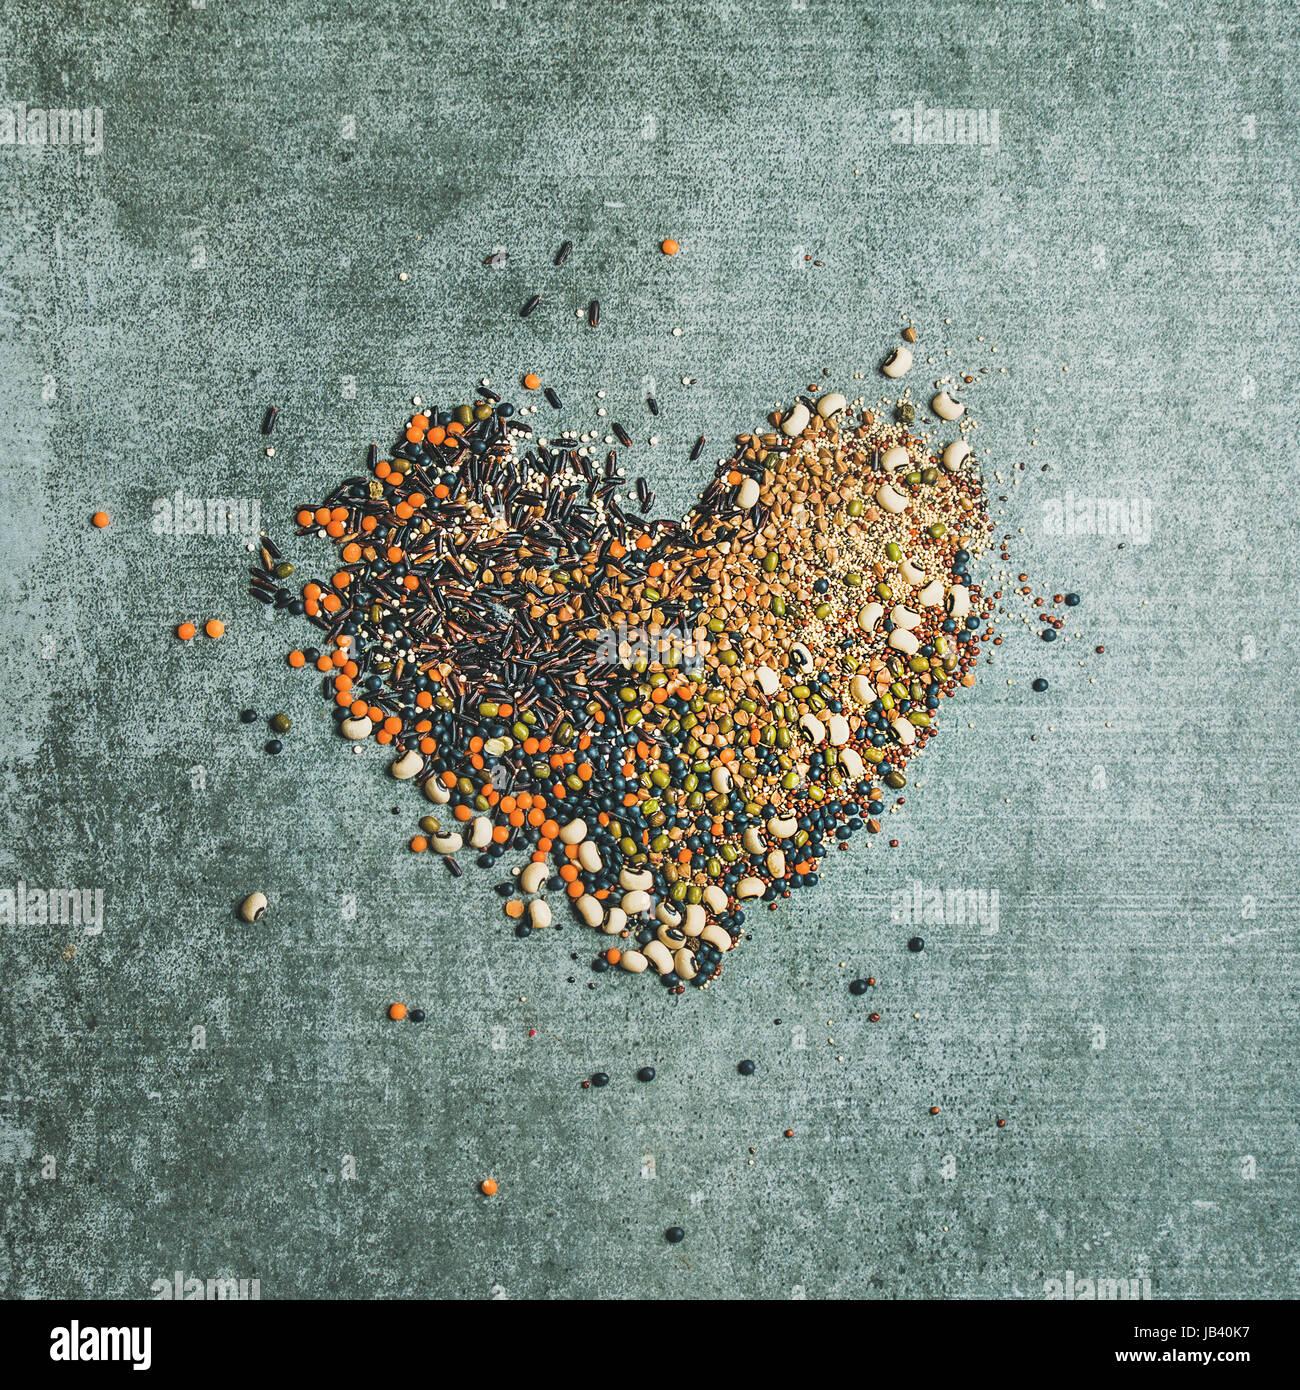 Diversas materias granos, frijoles y cereales en forma de corazón Imagen De Stock